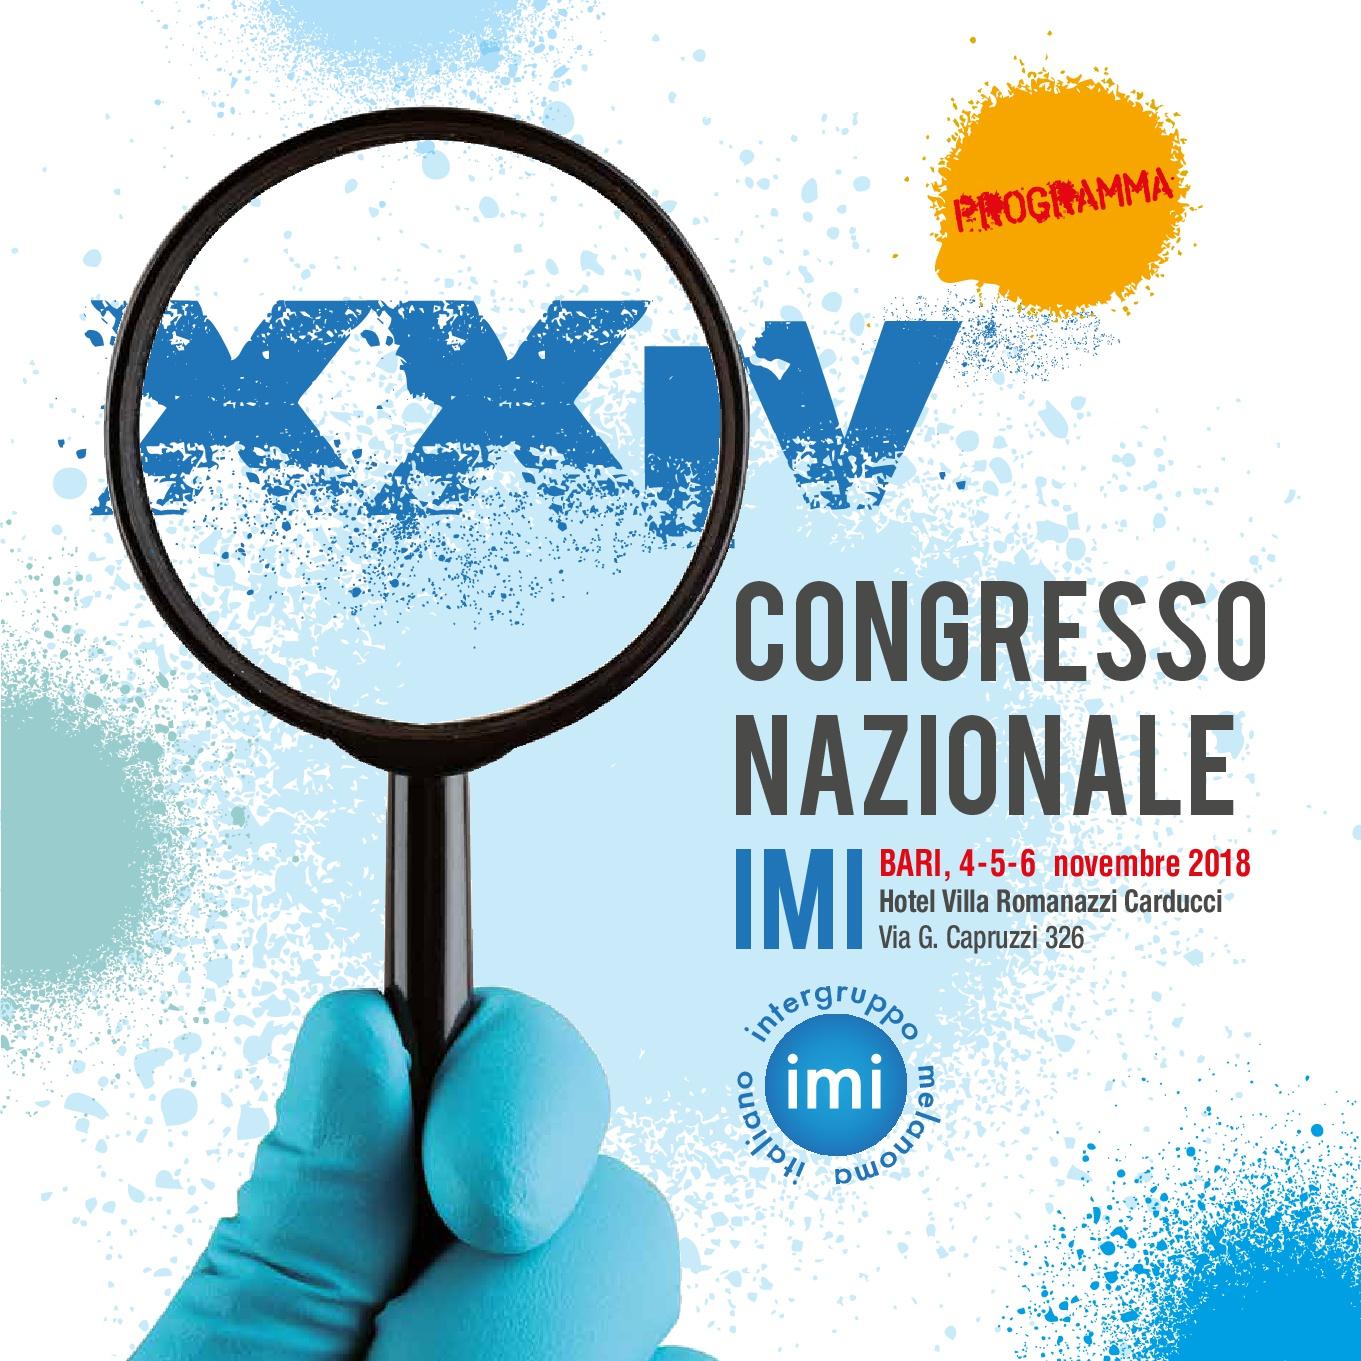 Pagine-da-XXIV-CONGRESSO-NAZIONALE-IMI-PROGRAMMA-x-web-(2)-001